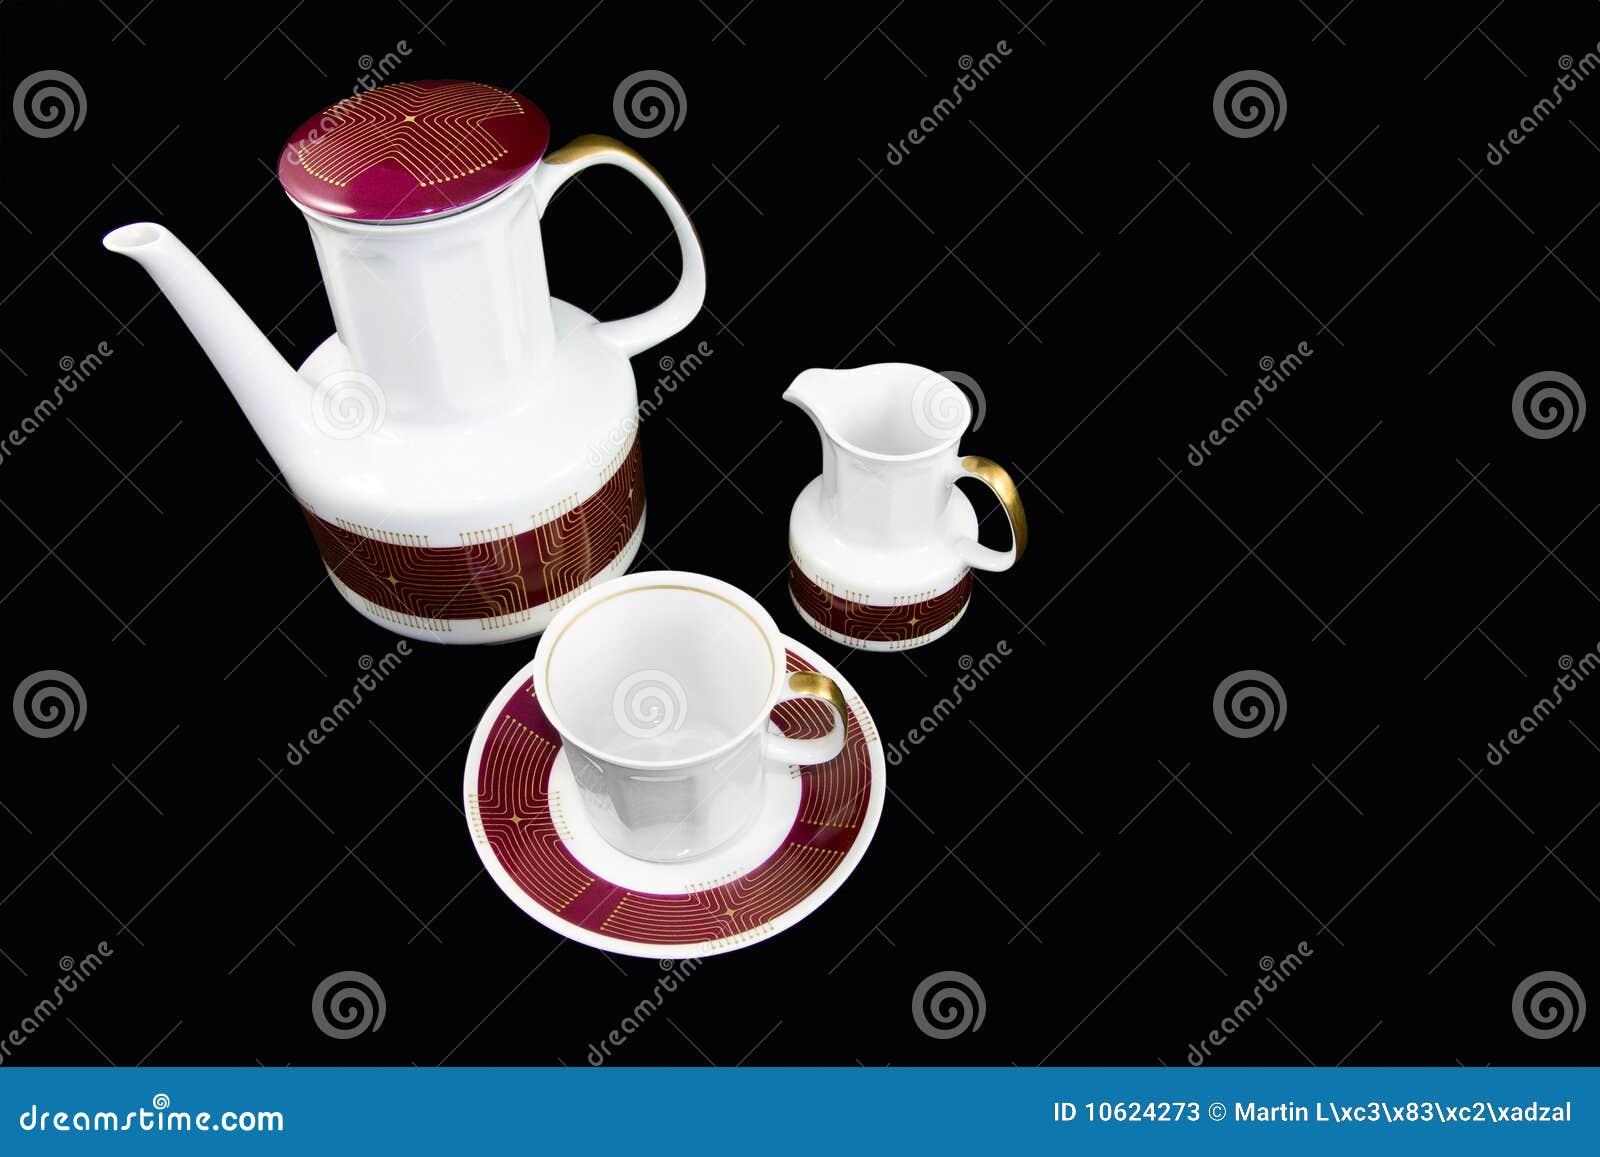 Conjunto tradicional de la porcelana del té